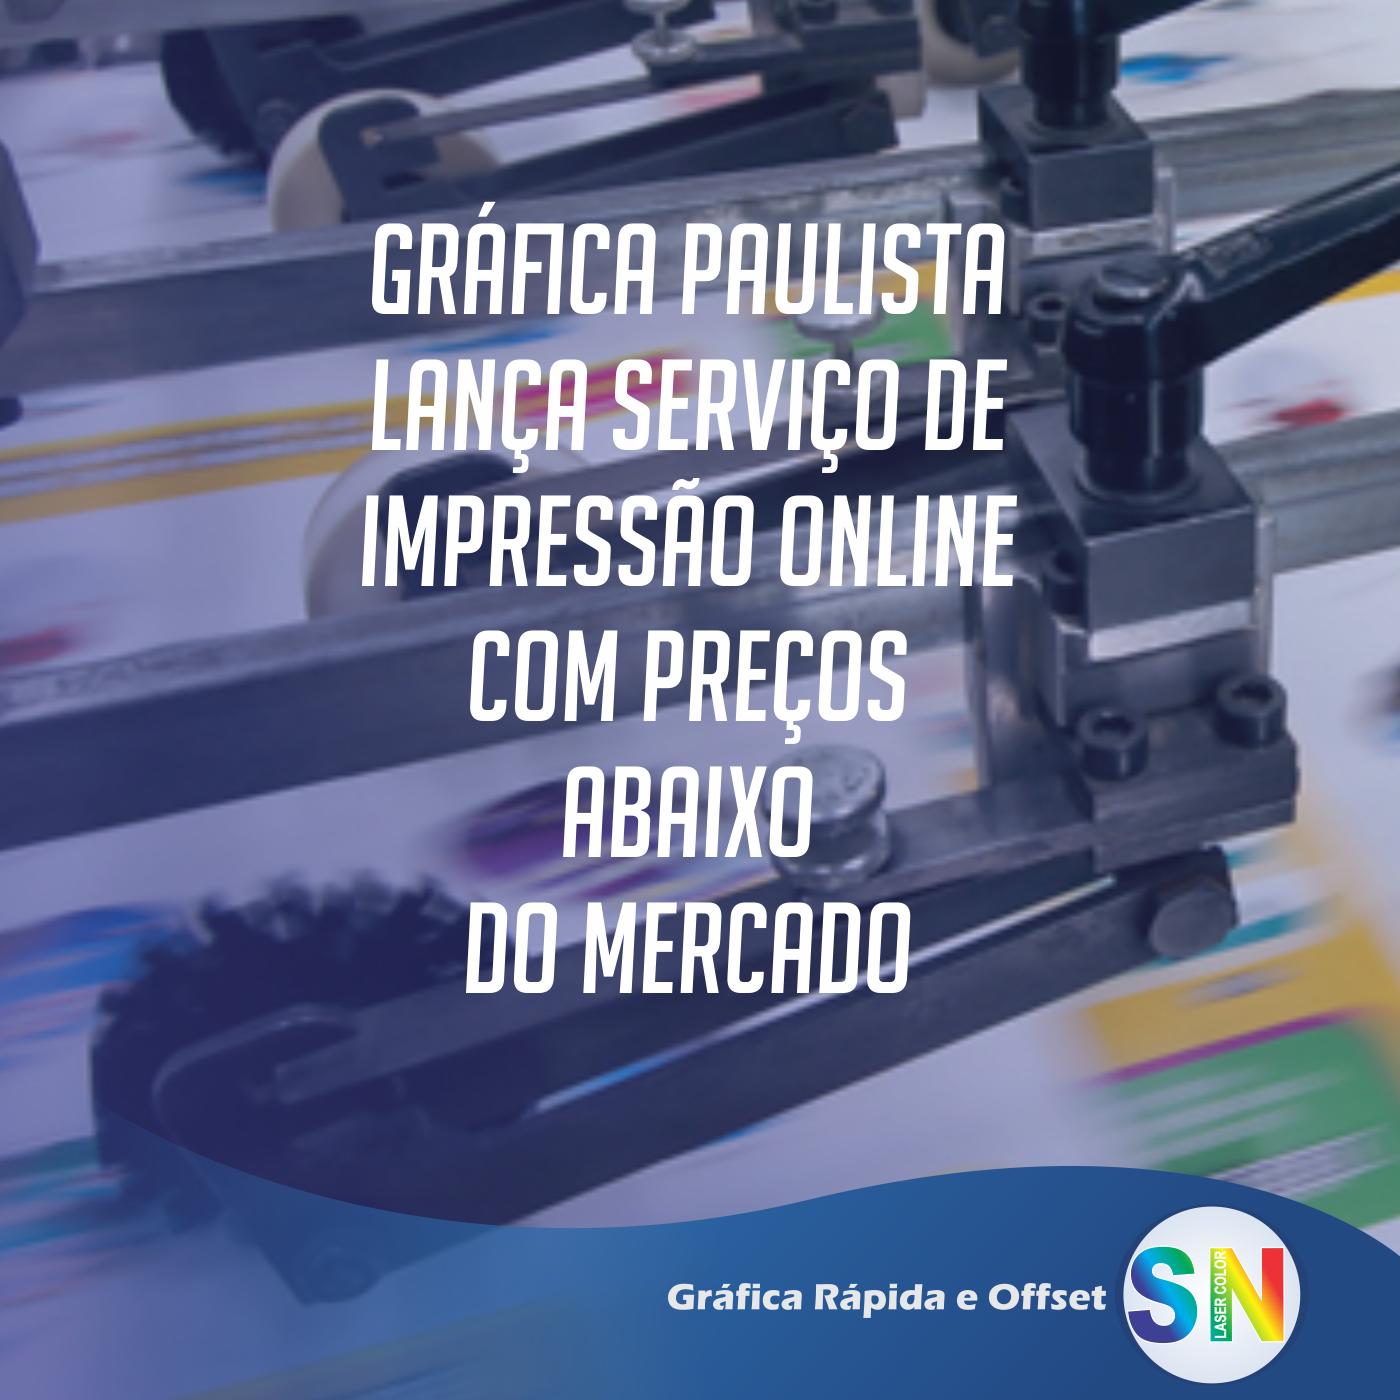 Gráfica Paulista lança serviço de impressão online com preços abaixo do mercado